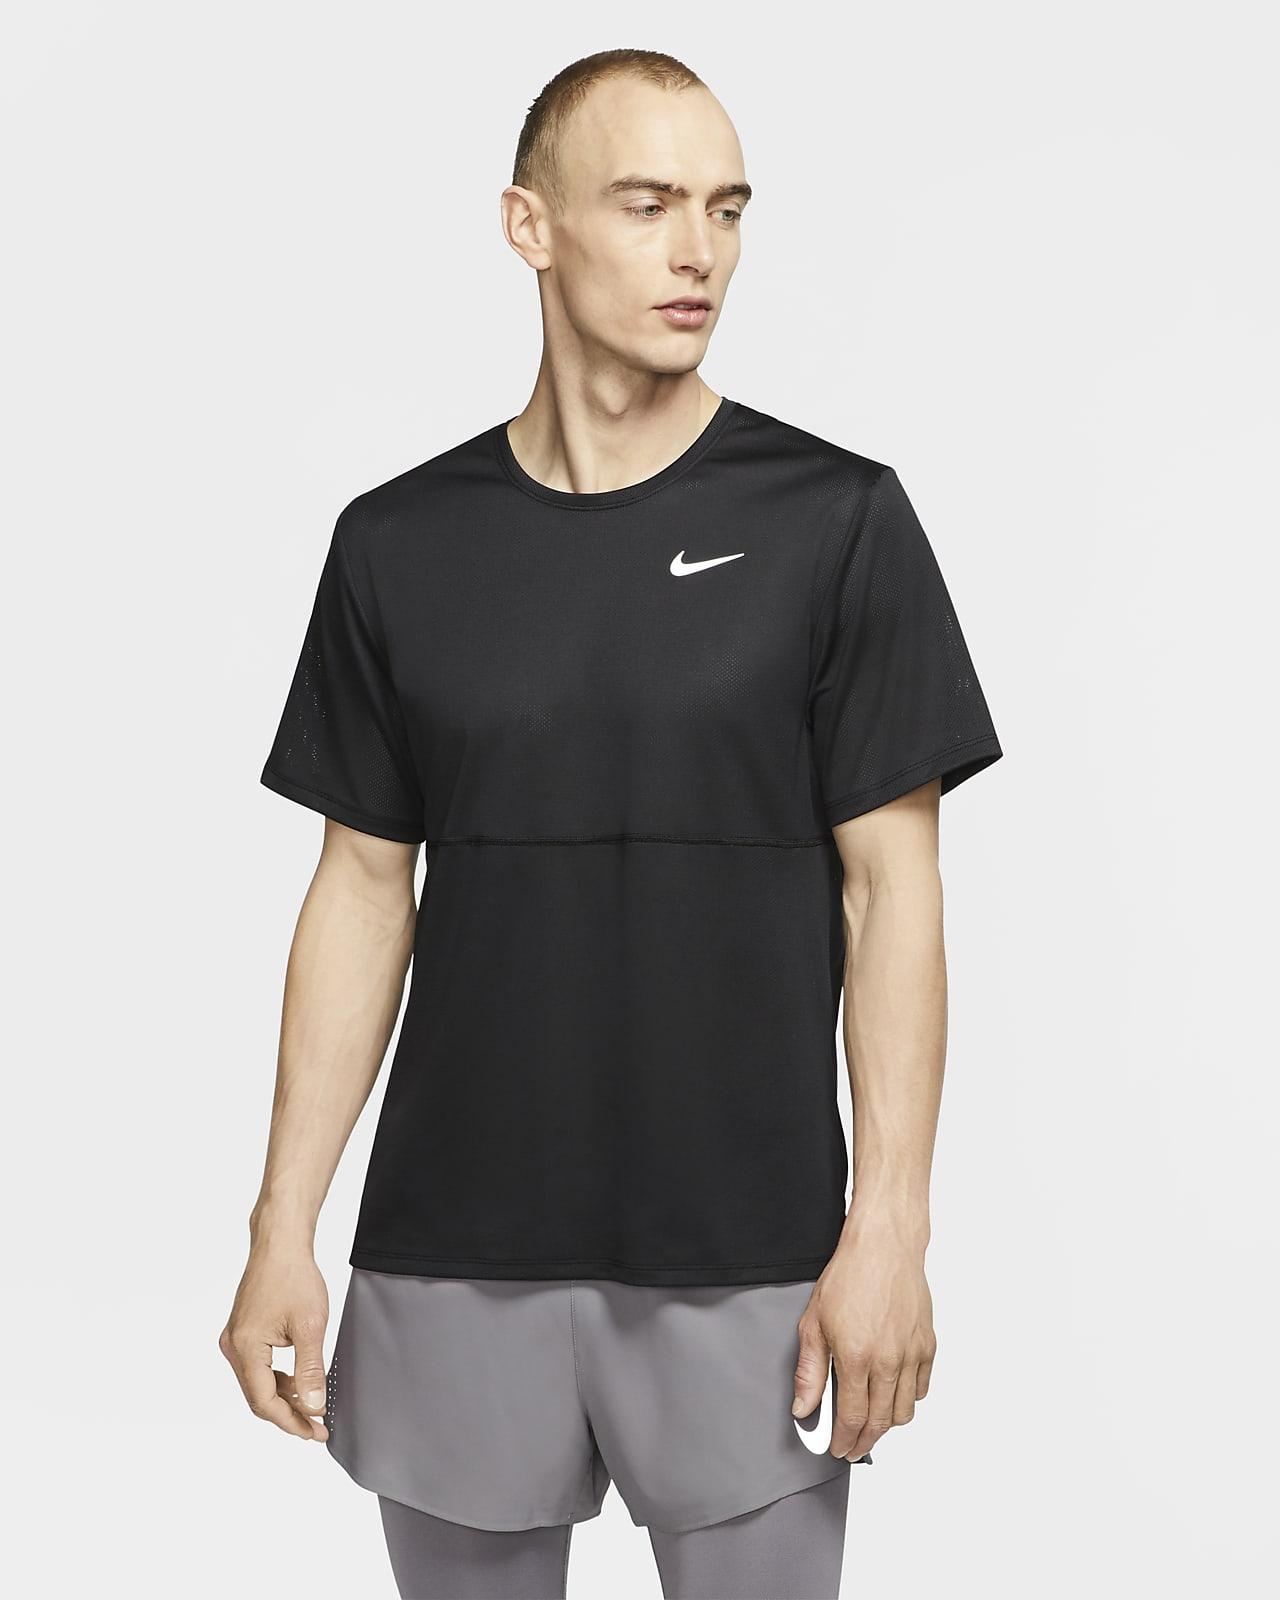 Diverso Económico Gobernable  Nike Breathe Camiseta de running - Hombre. Nike ES